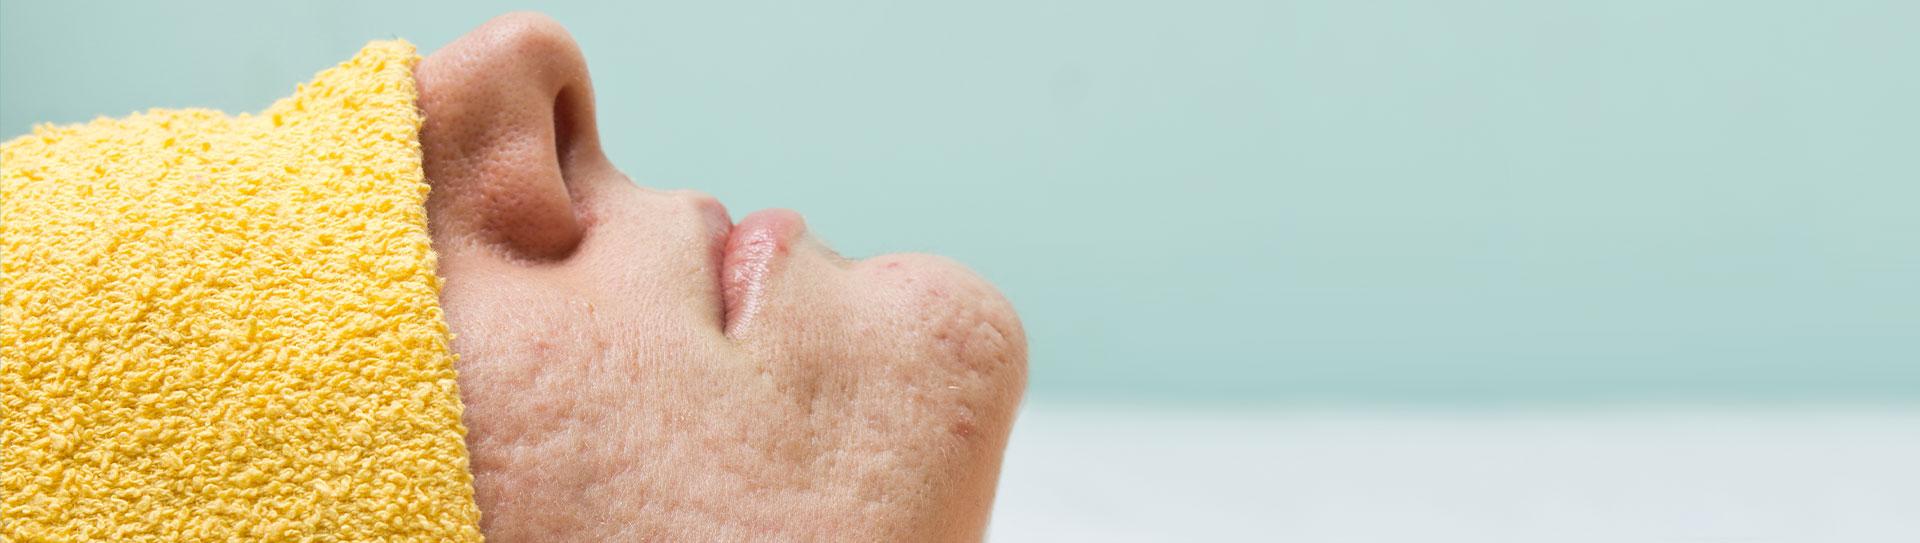 rimozione cicatrici dell'acne, trattamento acne